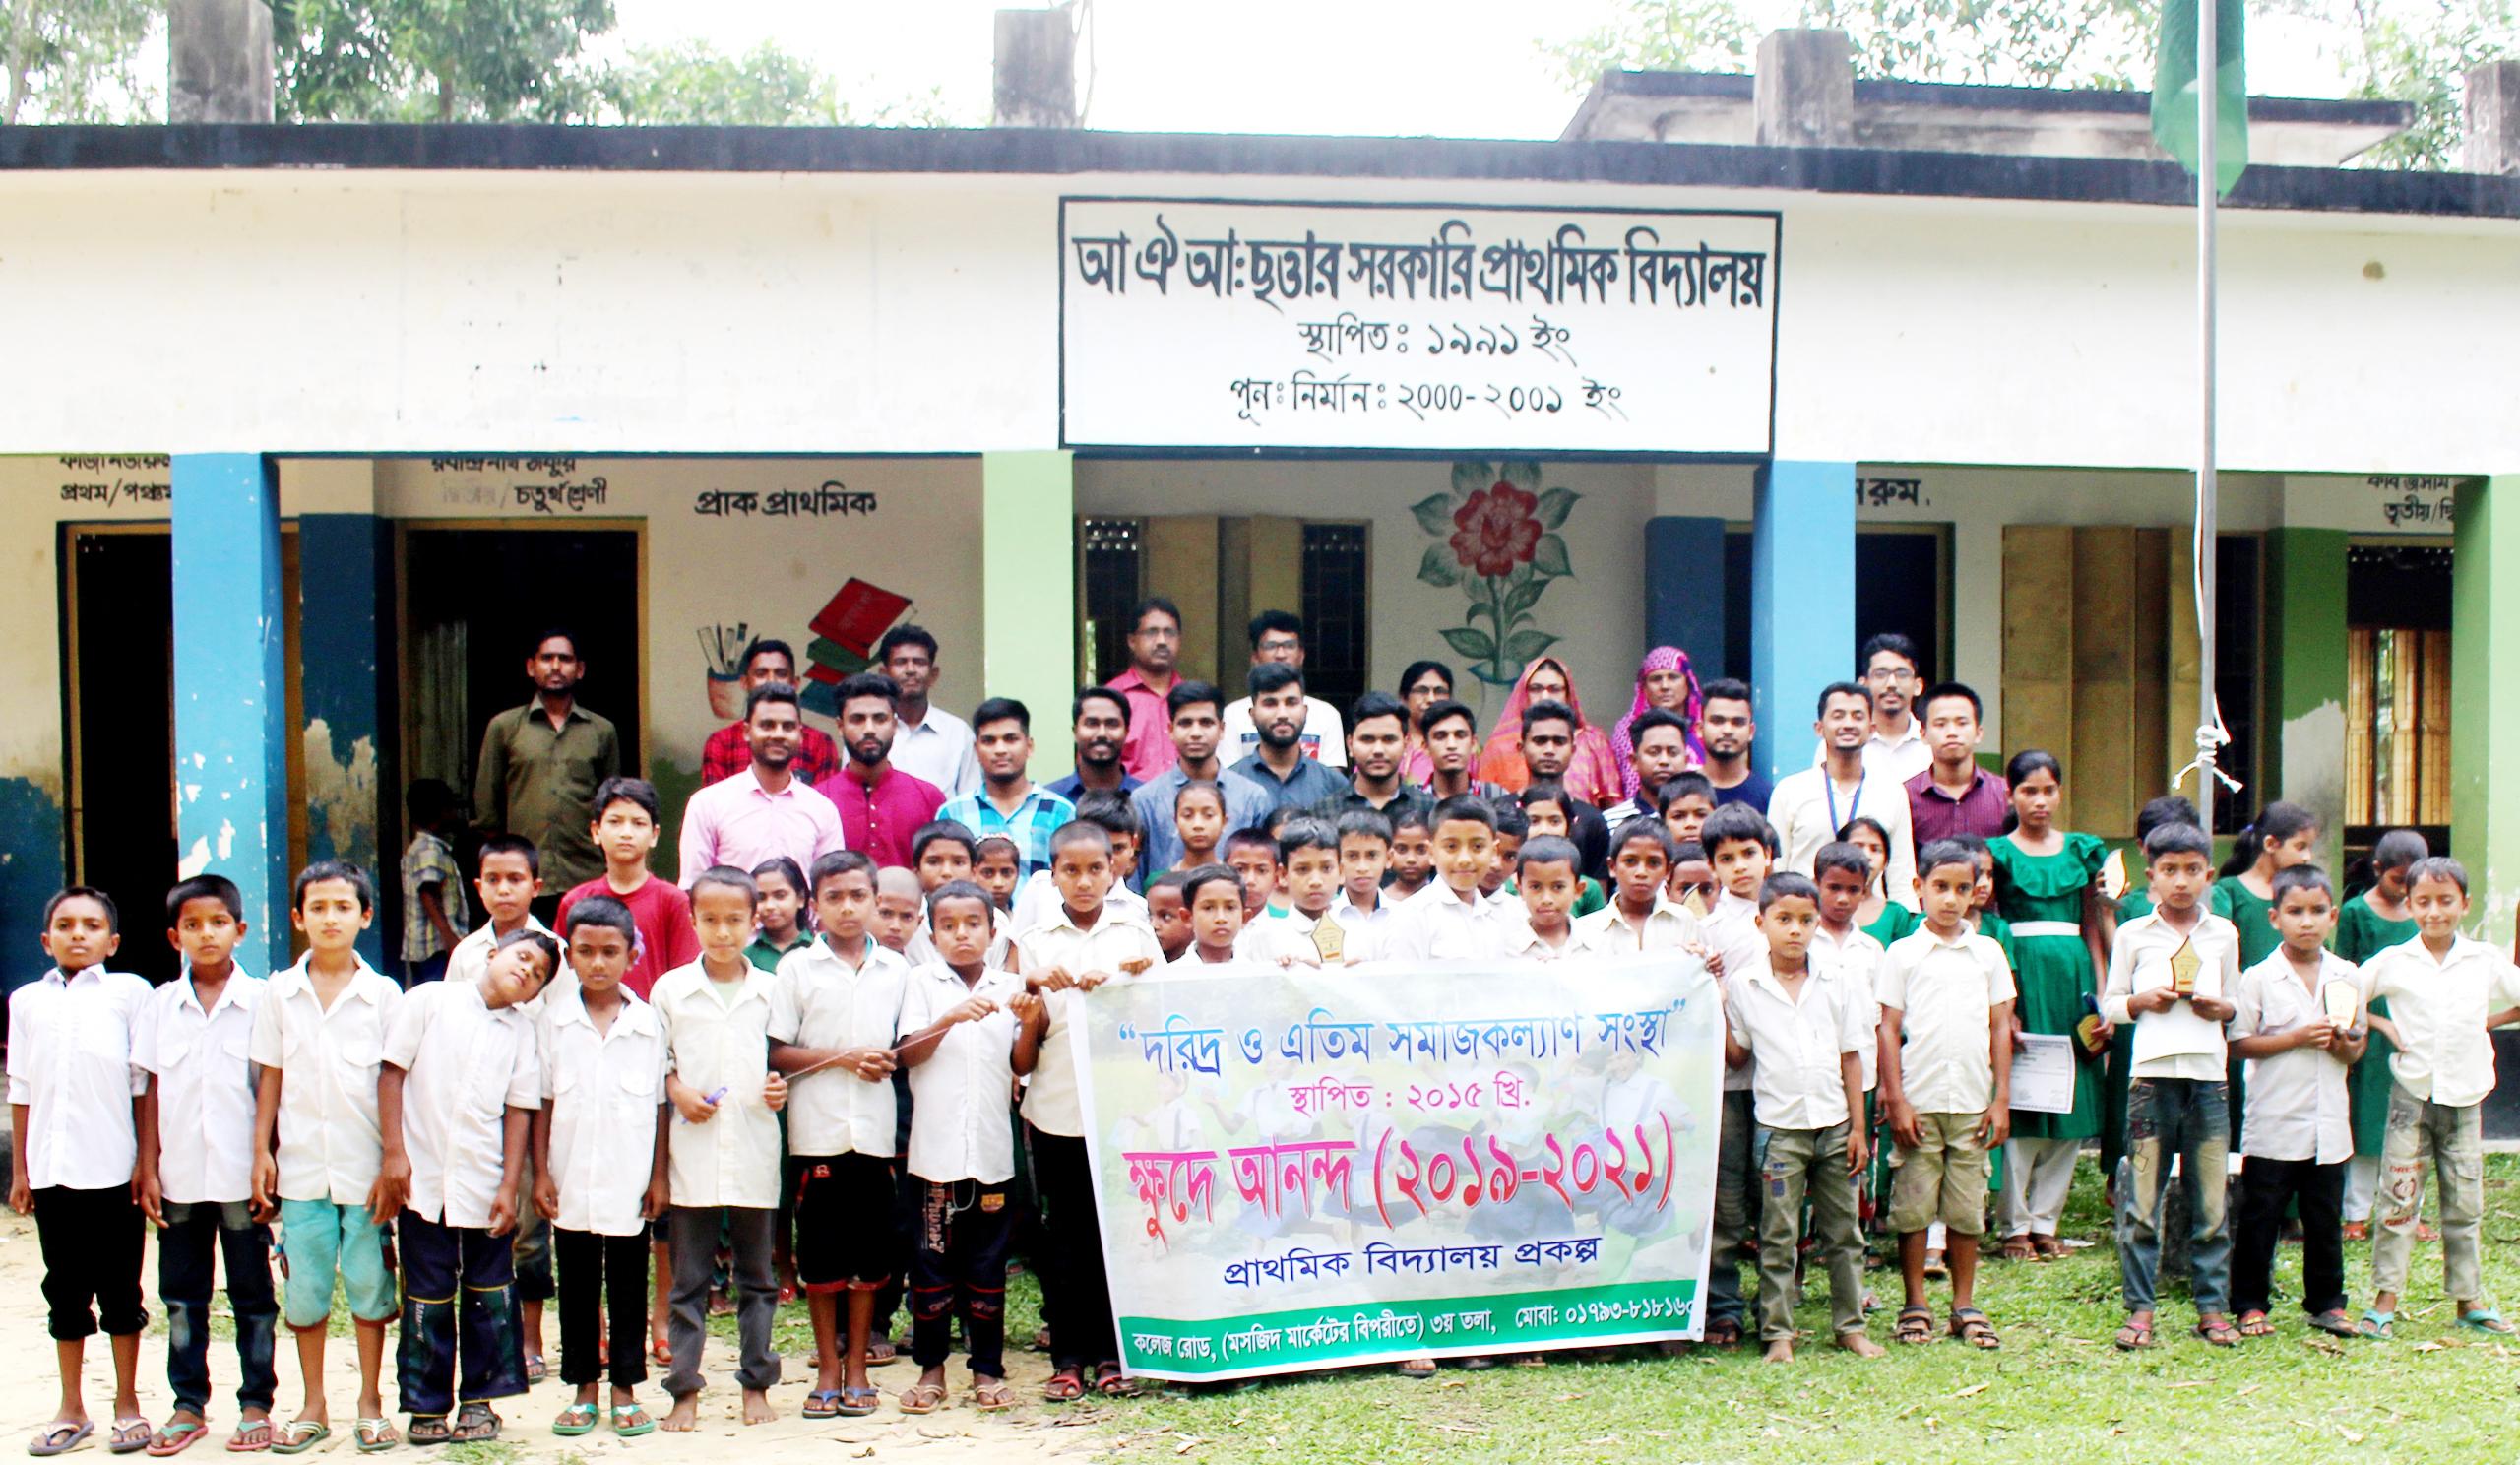 শ্রীমঙ্গলে প্রাথমিক শিক্ষার্থীদের নিয়ে 'ক্ষুদে আনন্দ' অনুষ্ঠান